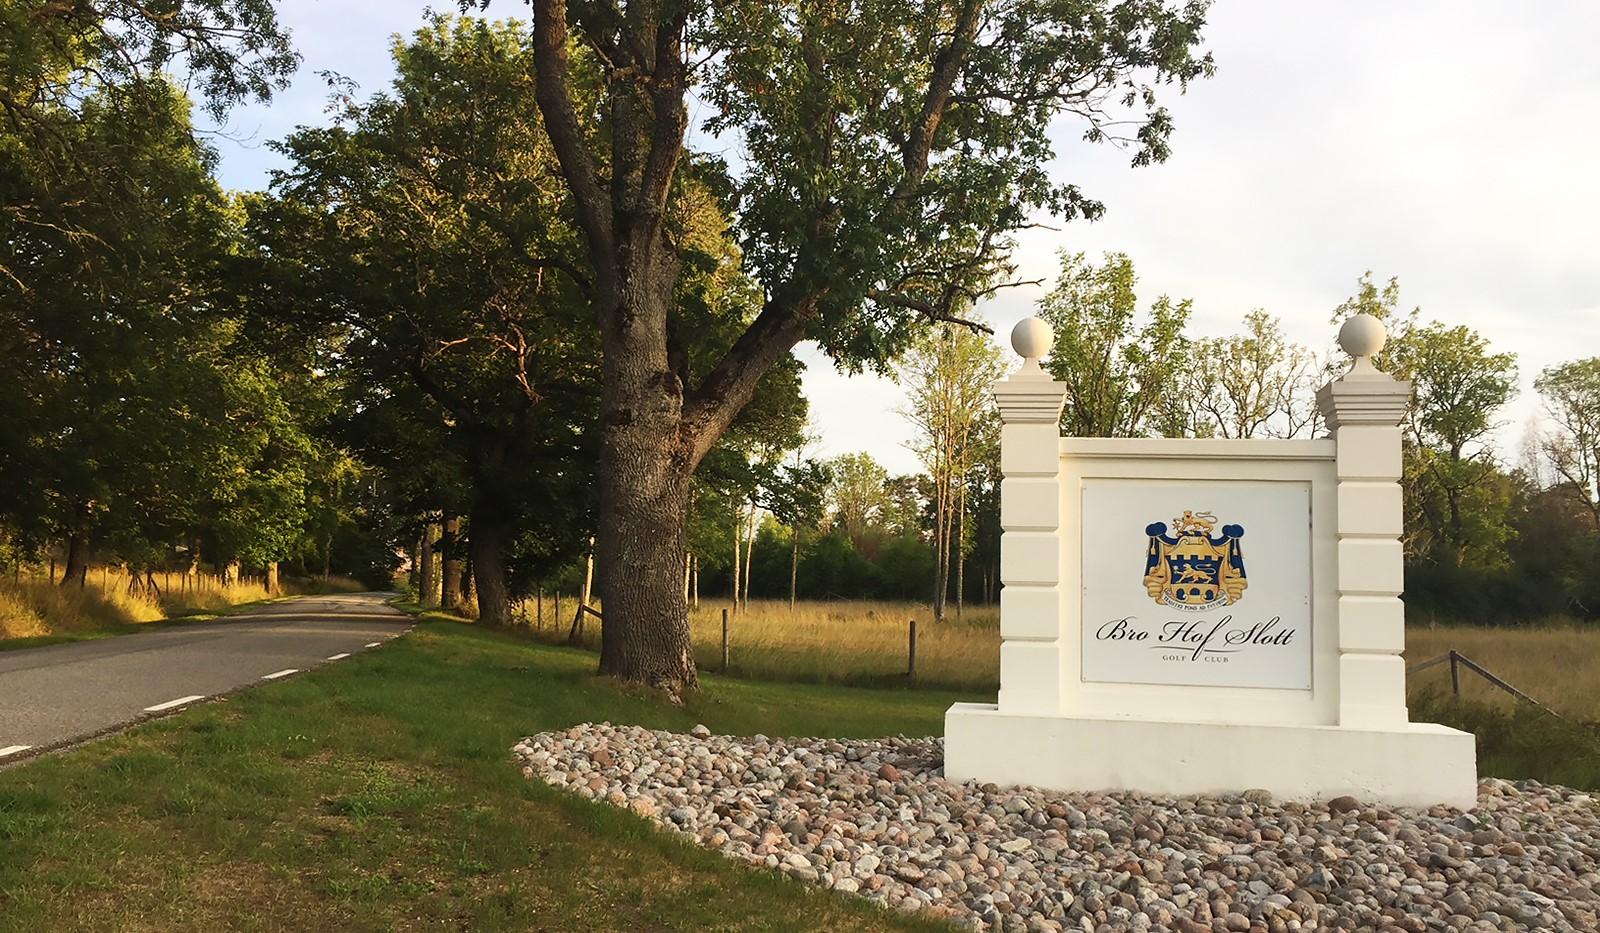 Ringuddsslingan 31 - Bro Hof Slott Golf Club